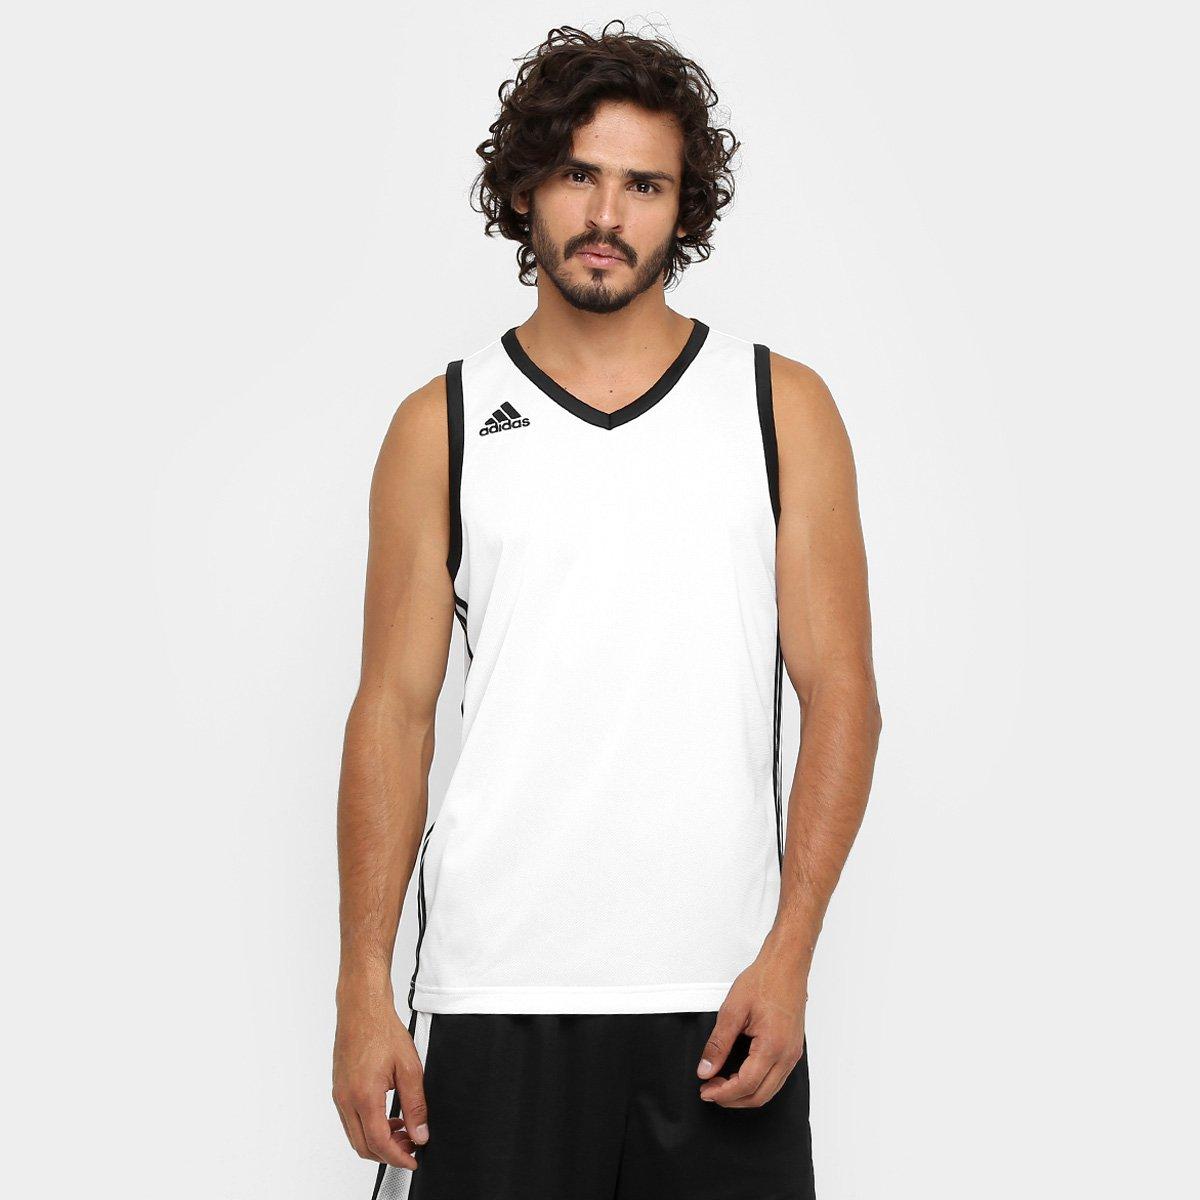 ad73e17cf9 Camiseta Regata Adidas Commander